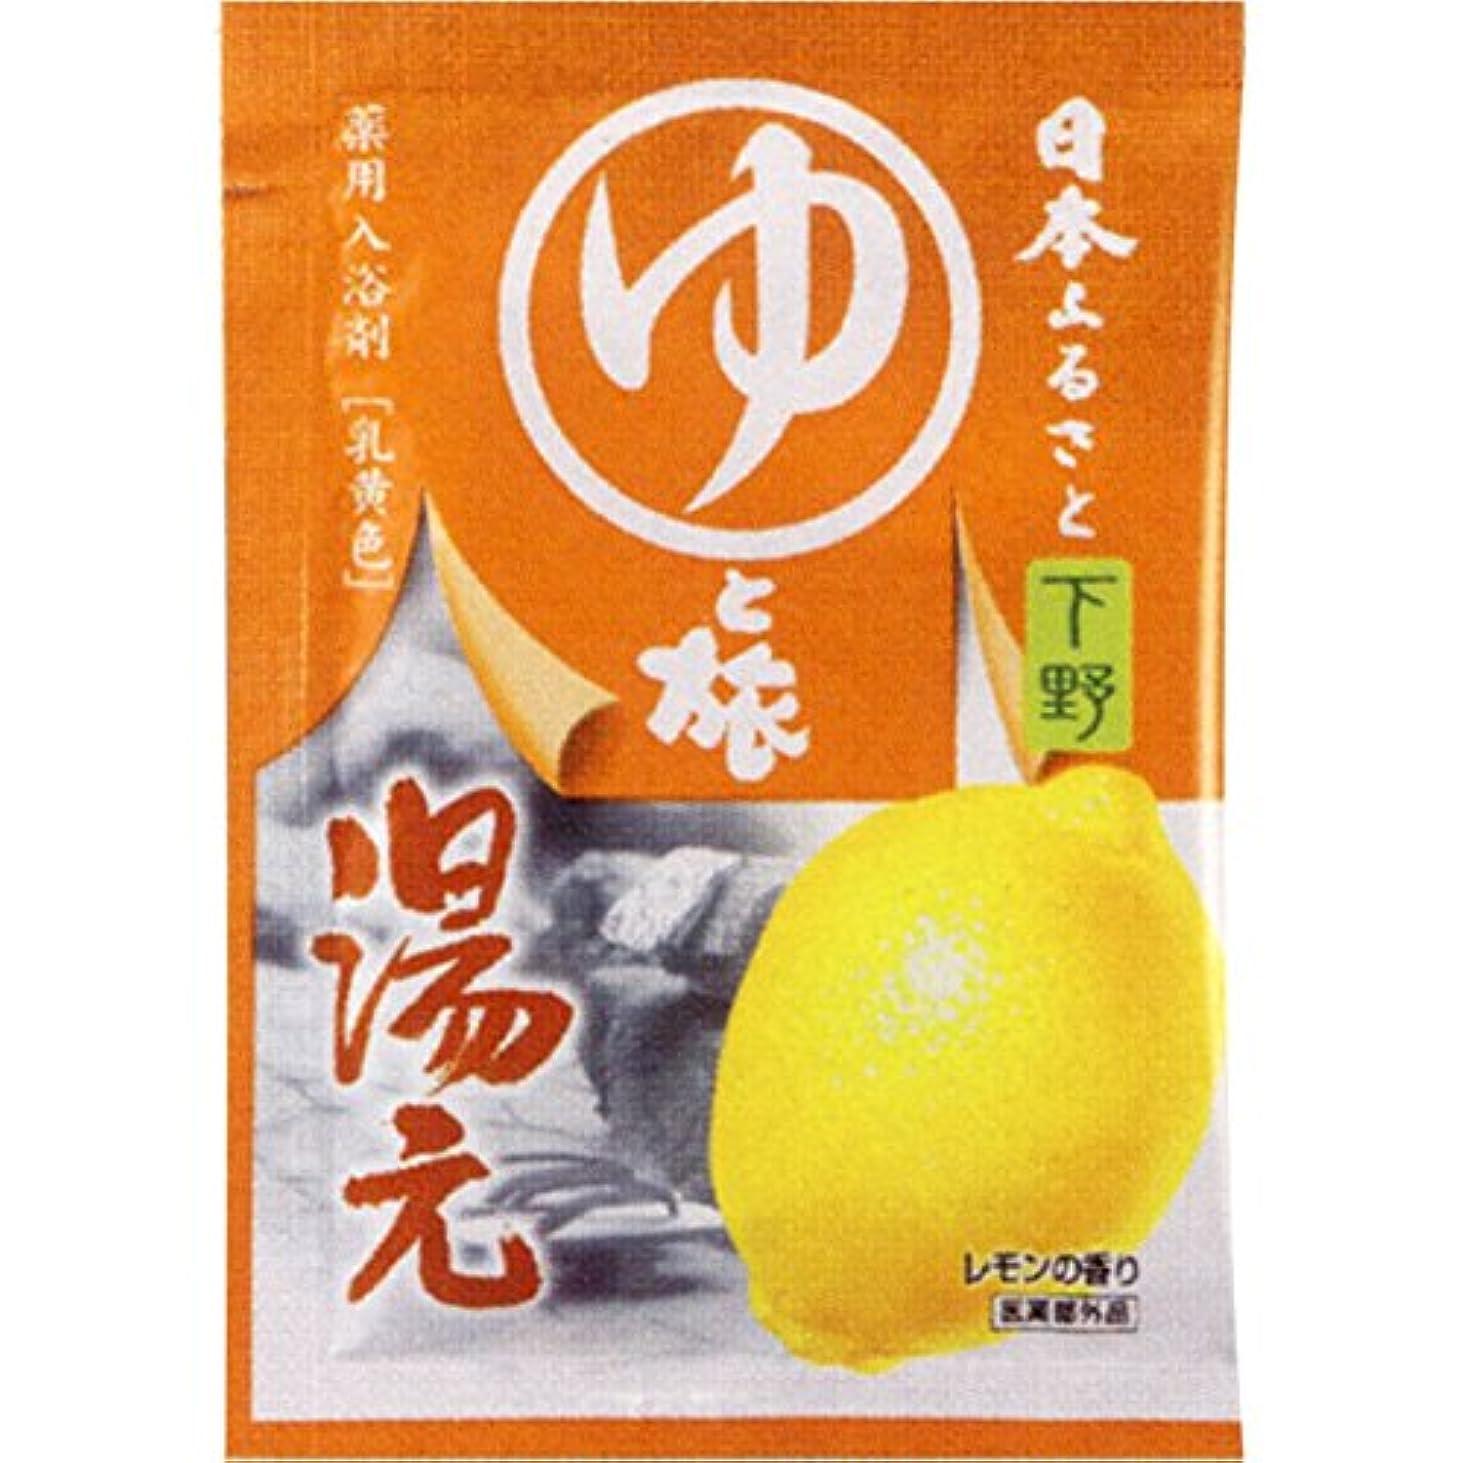 ダーリンシンク削除するヤマサキ 日本ふるさとゆと旅 湯元 30g (医薬部外品)